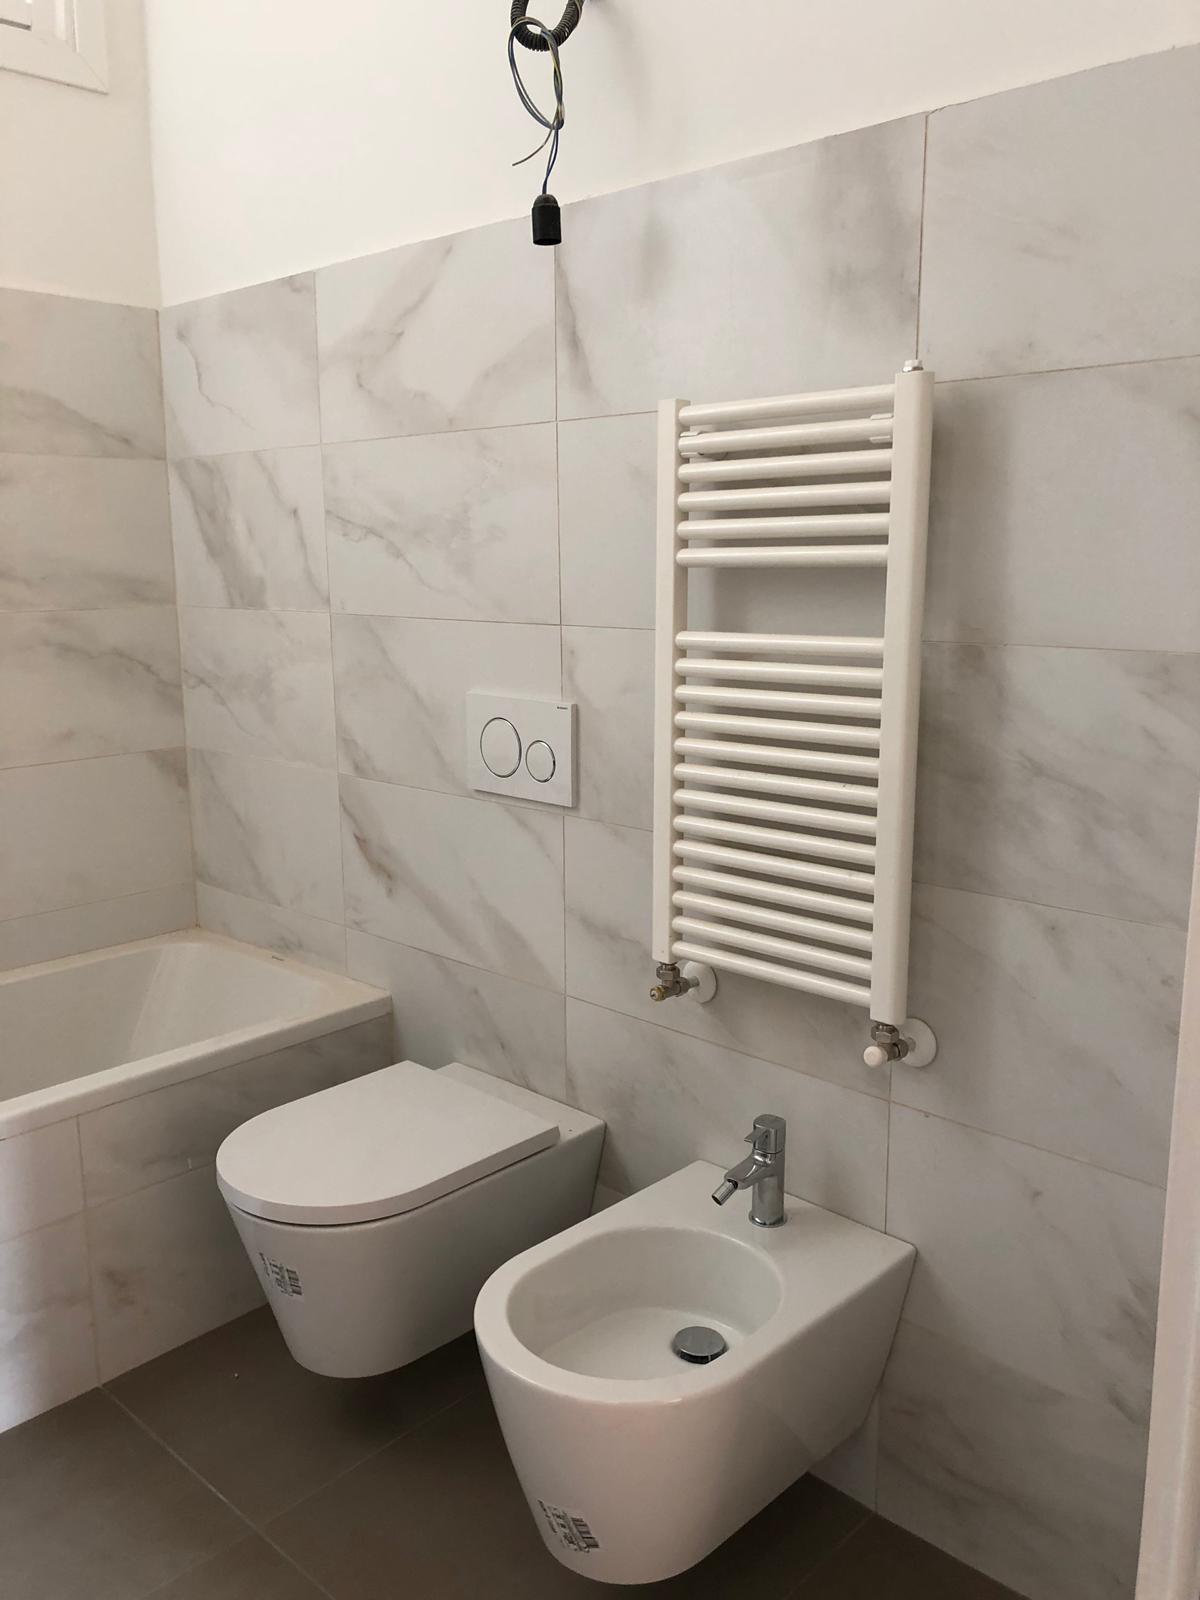 13. Particolare sanitari a parete con scalda salviette in asse, rivestimento pareti e vasca da bagno in lastre di marmo color tortora: lavori in corso.